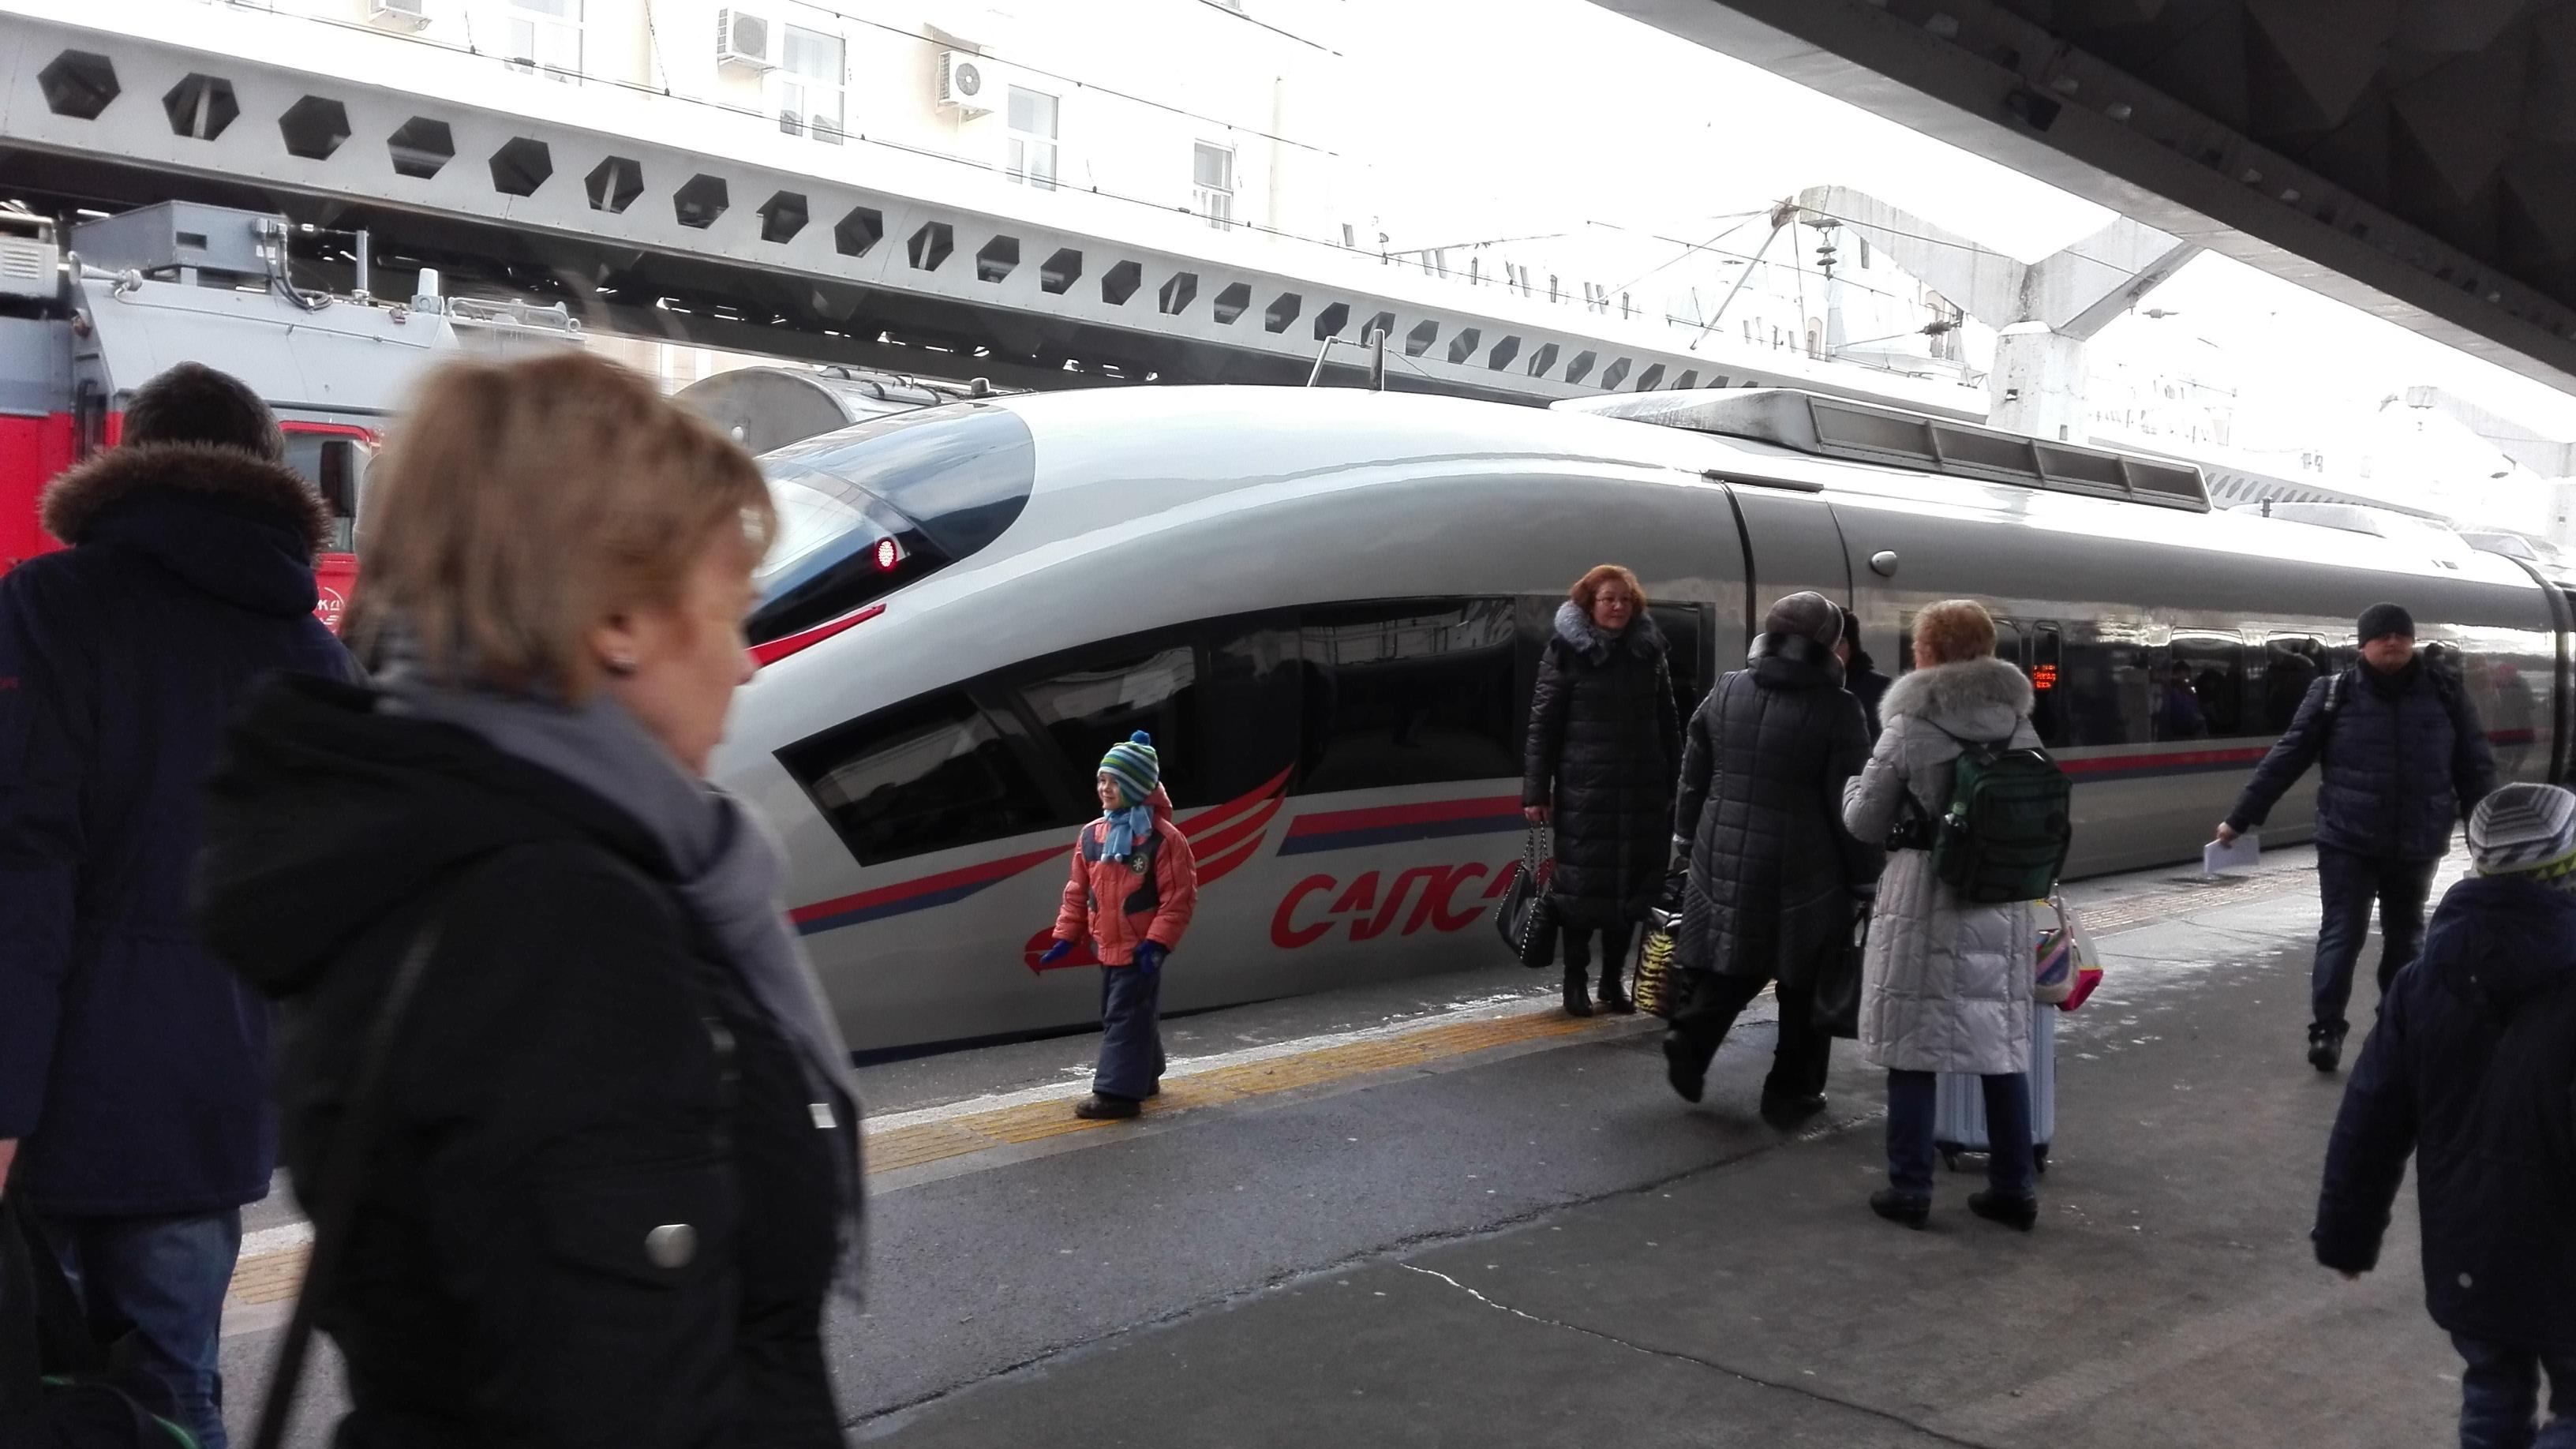 Санкт-Петербург. Скоростной поезд «Сапсан»